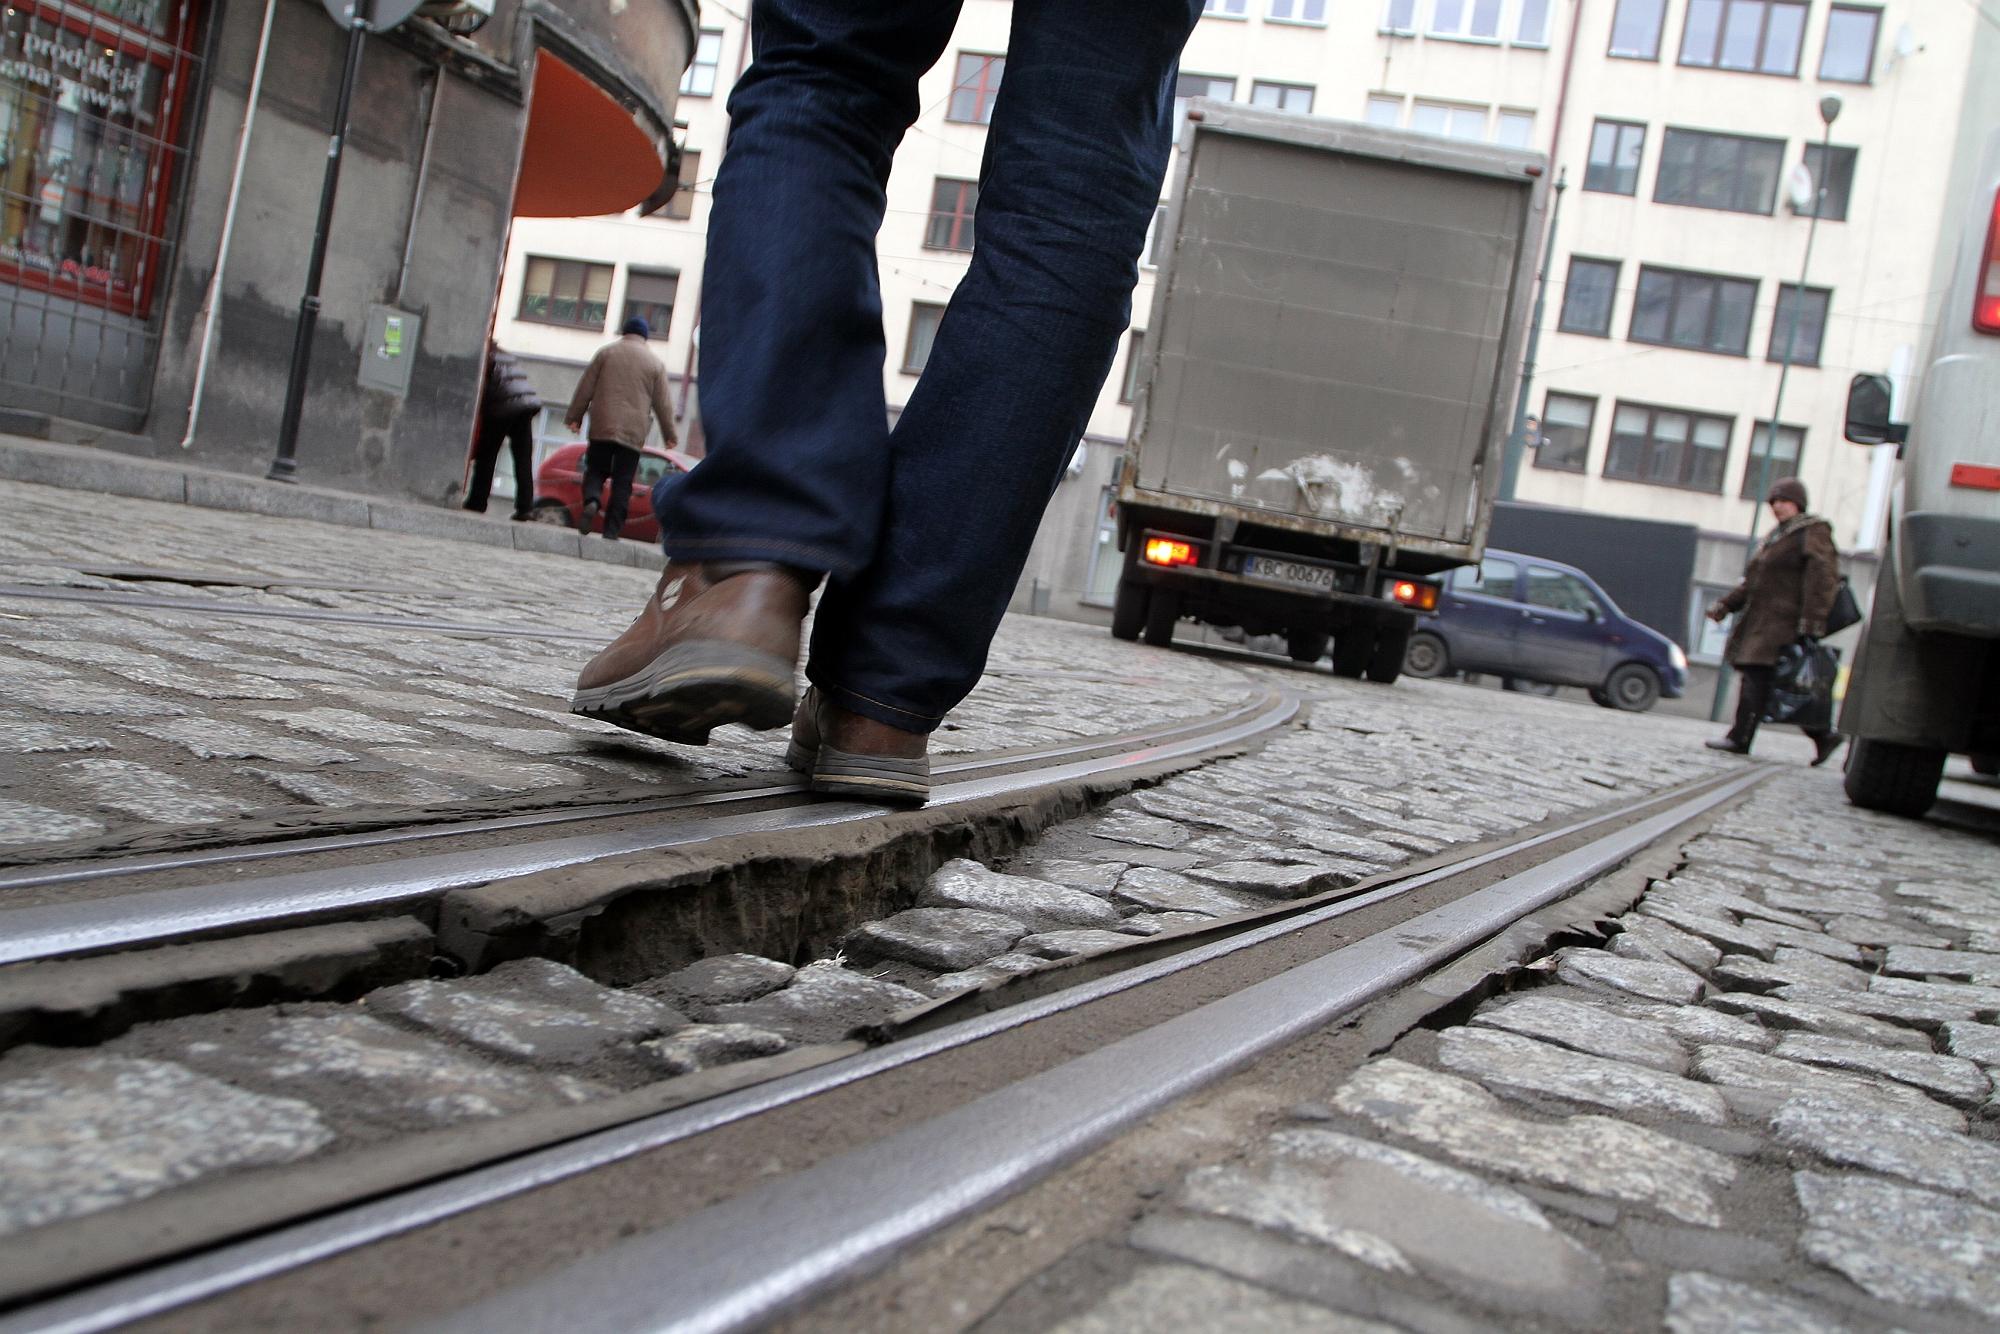 Kostka brukowa na ulicy Wawrzyńca w Krakowie (fot. Mateusz Skwarczek / Agencja Gazeta)